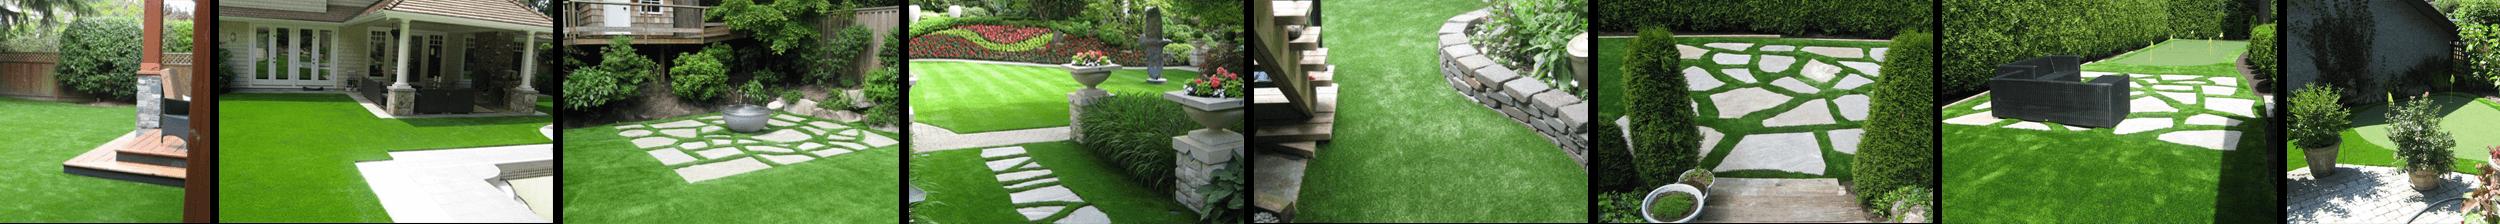 artificial grass gallery residential photos